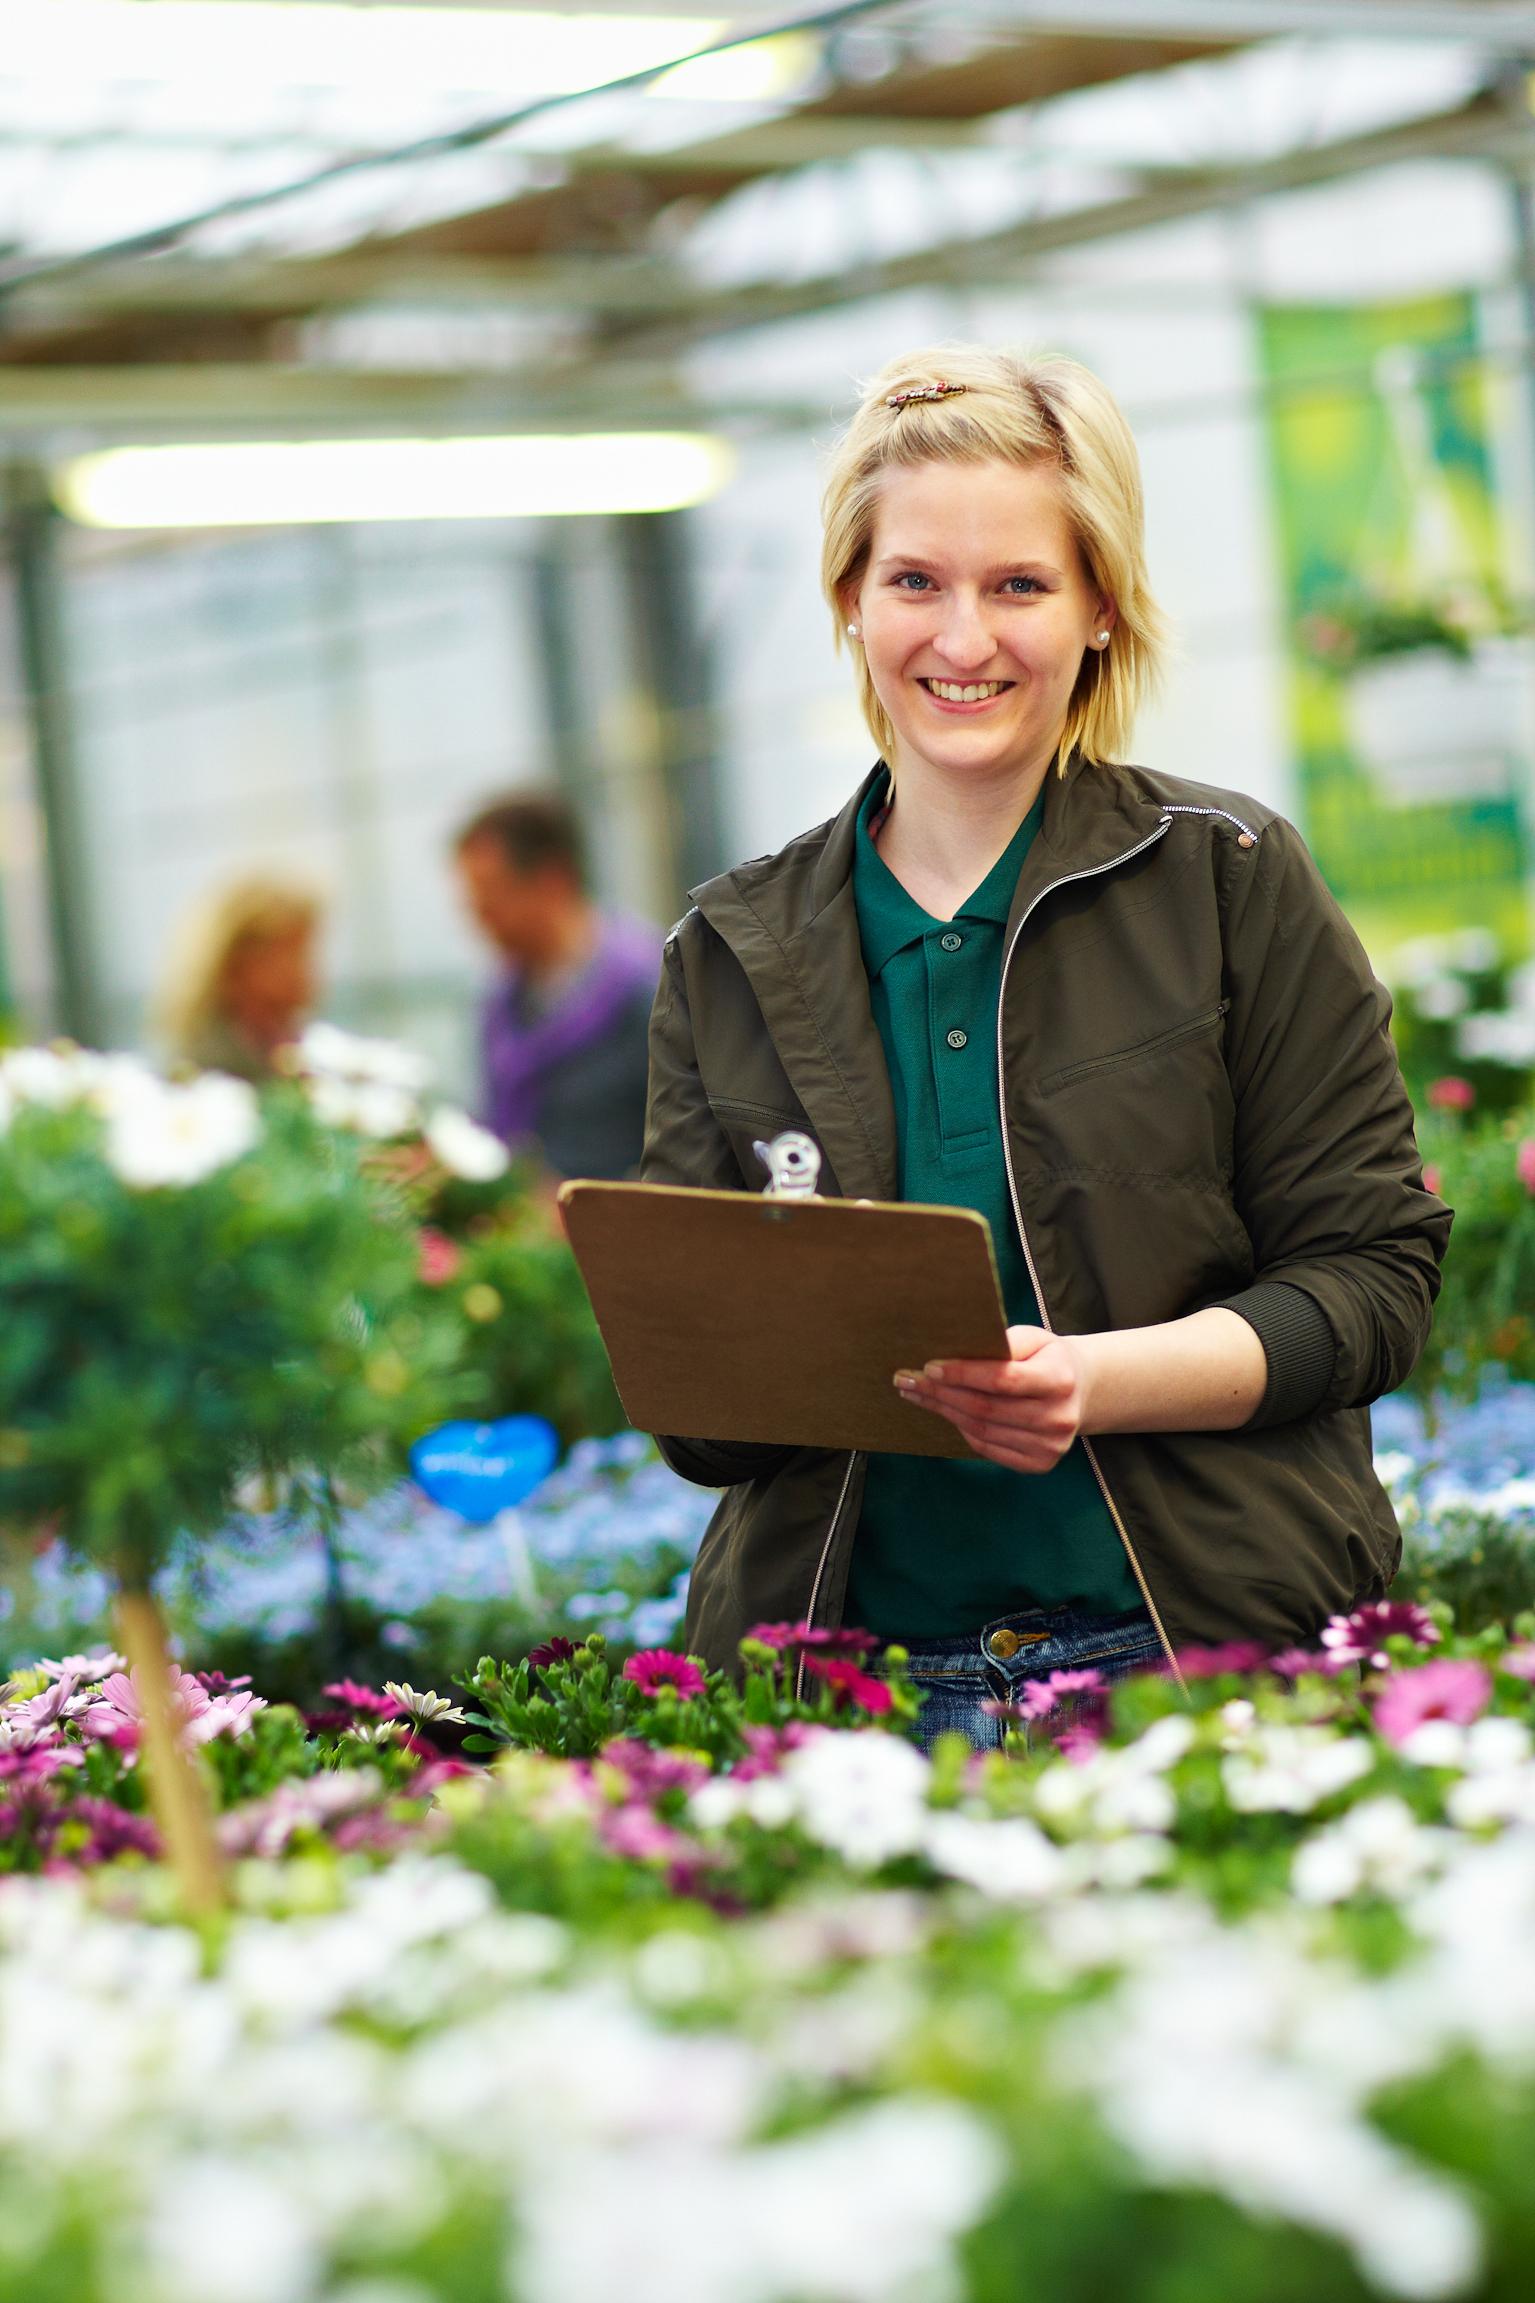 Beruf Zierpflanzengärtner: Zauberkünstler mit grünem Daumen